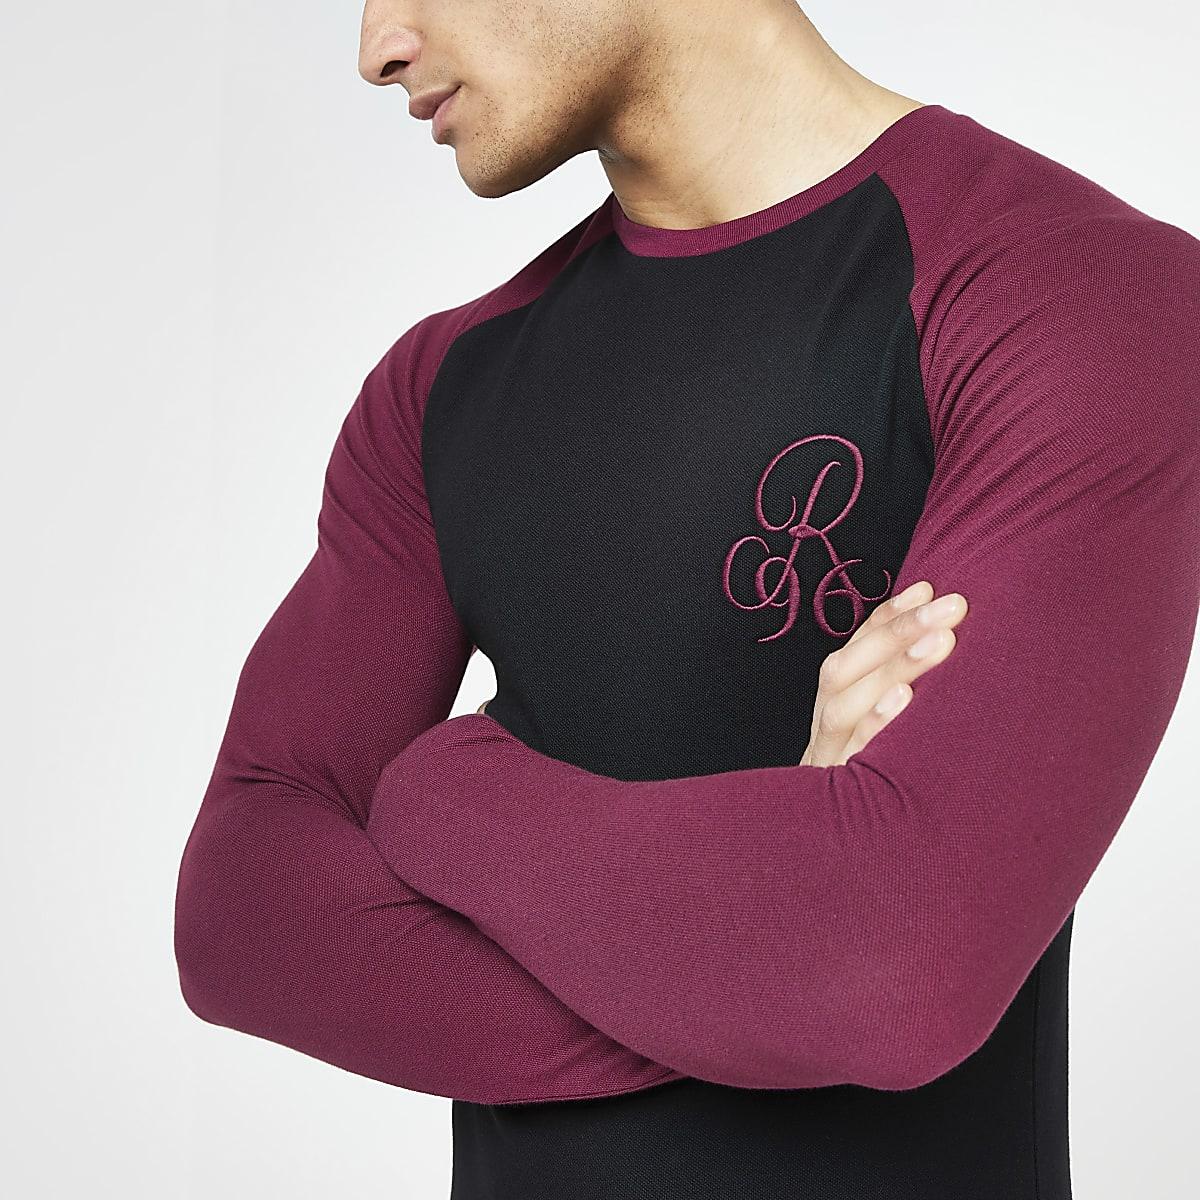 Black R96 muscle fit long sleeve raglan top